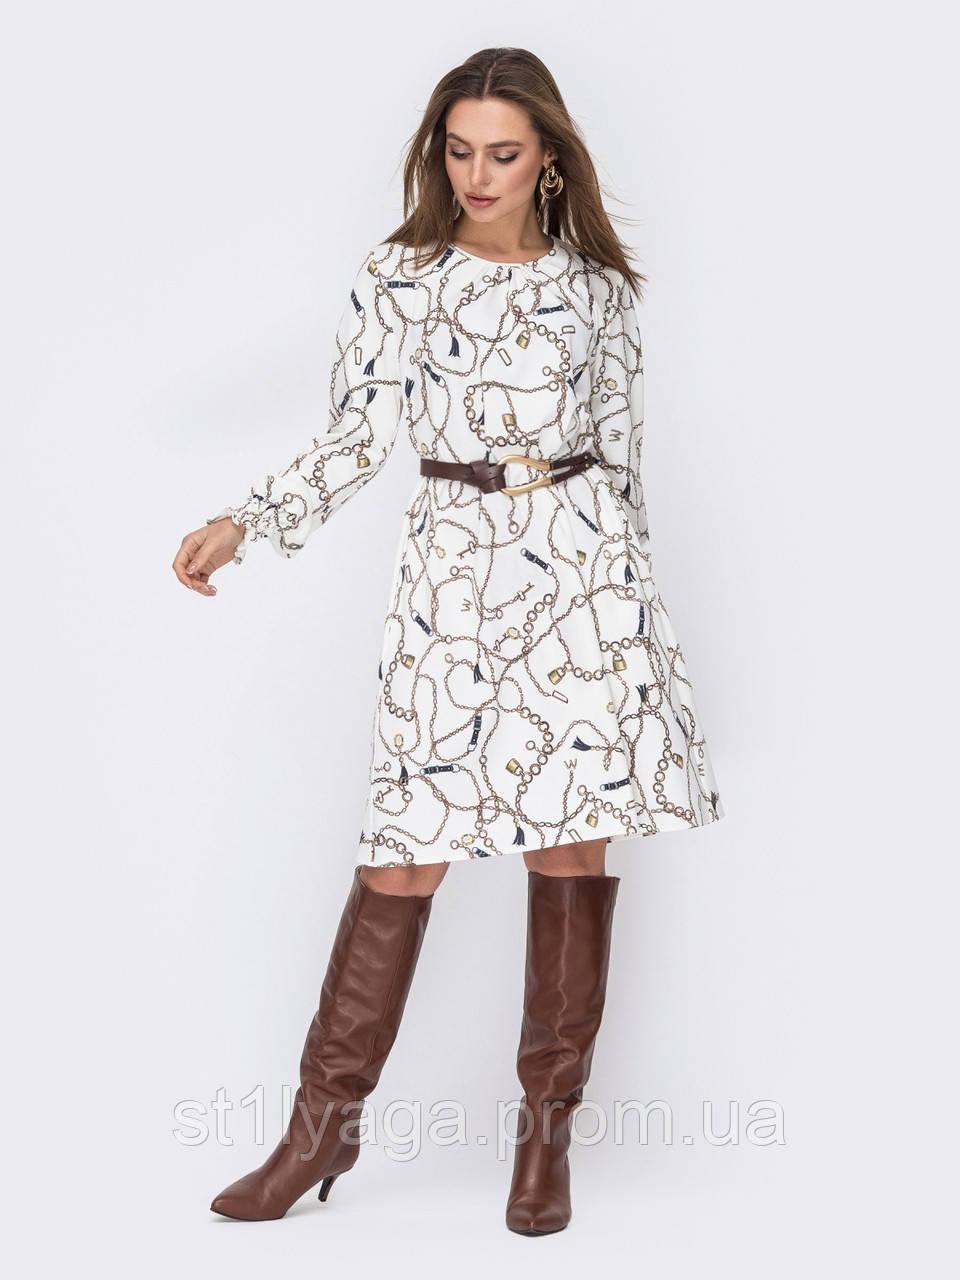 Трикотажна сукня-трапеція біле з принтом ланцюга